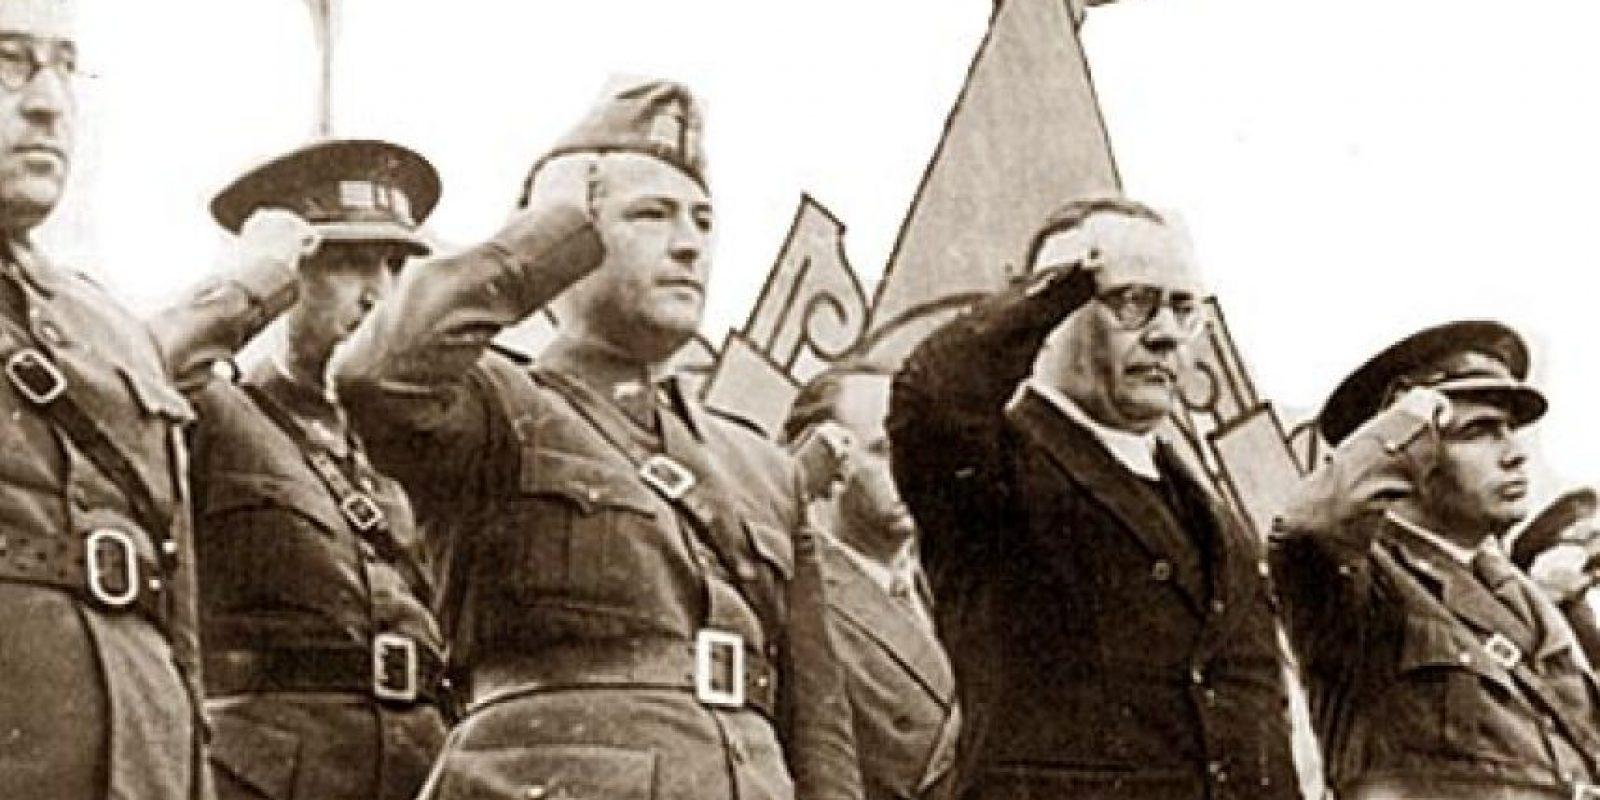 La cúpula militar de la República Española hace el saludo republicano: mano derecha empuñada en la sien. Foto:Internet. Imagen Por: